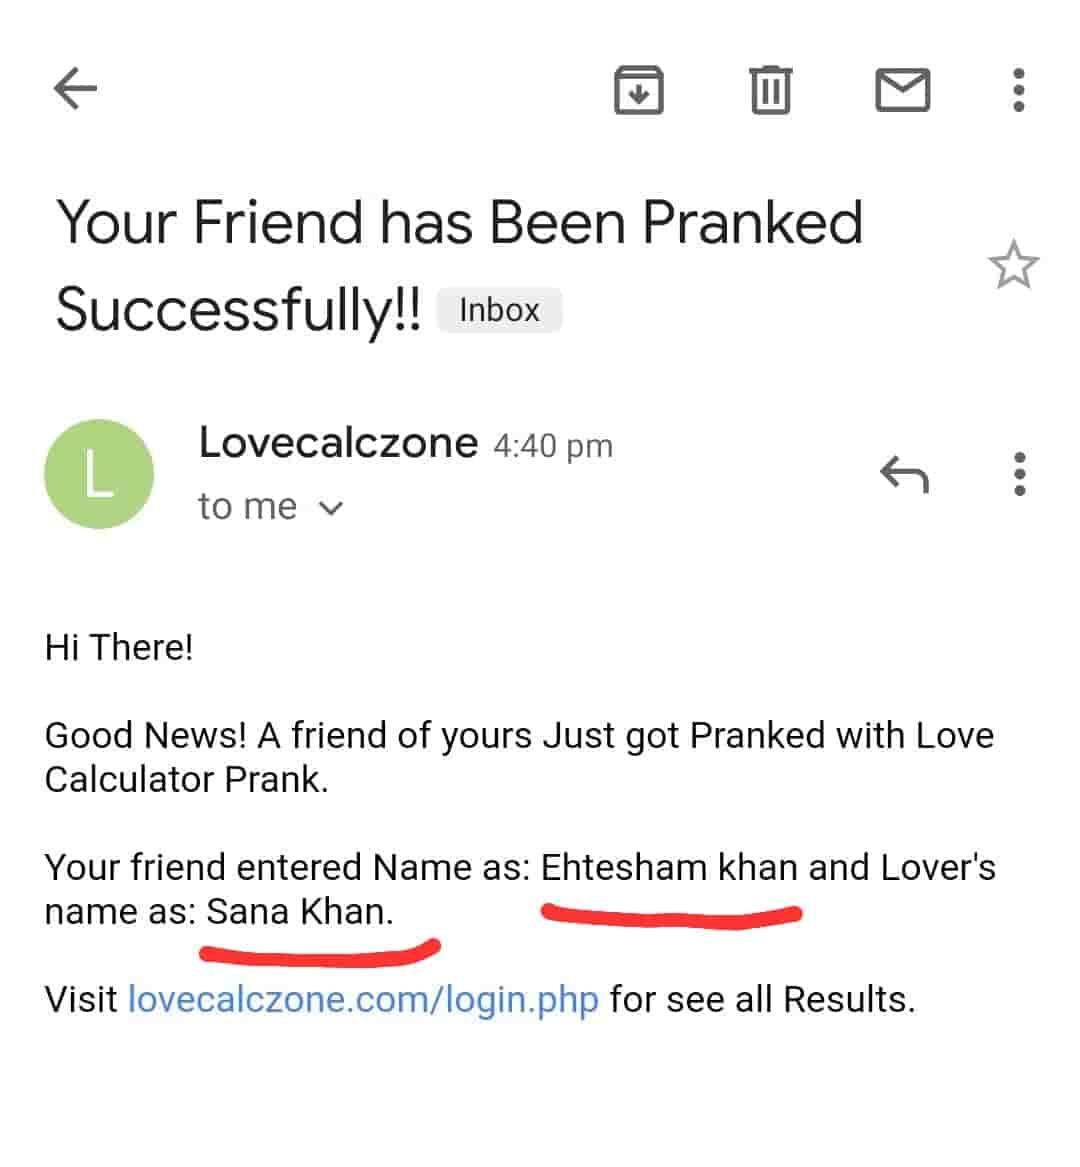 receievd email